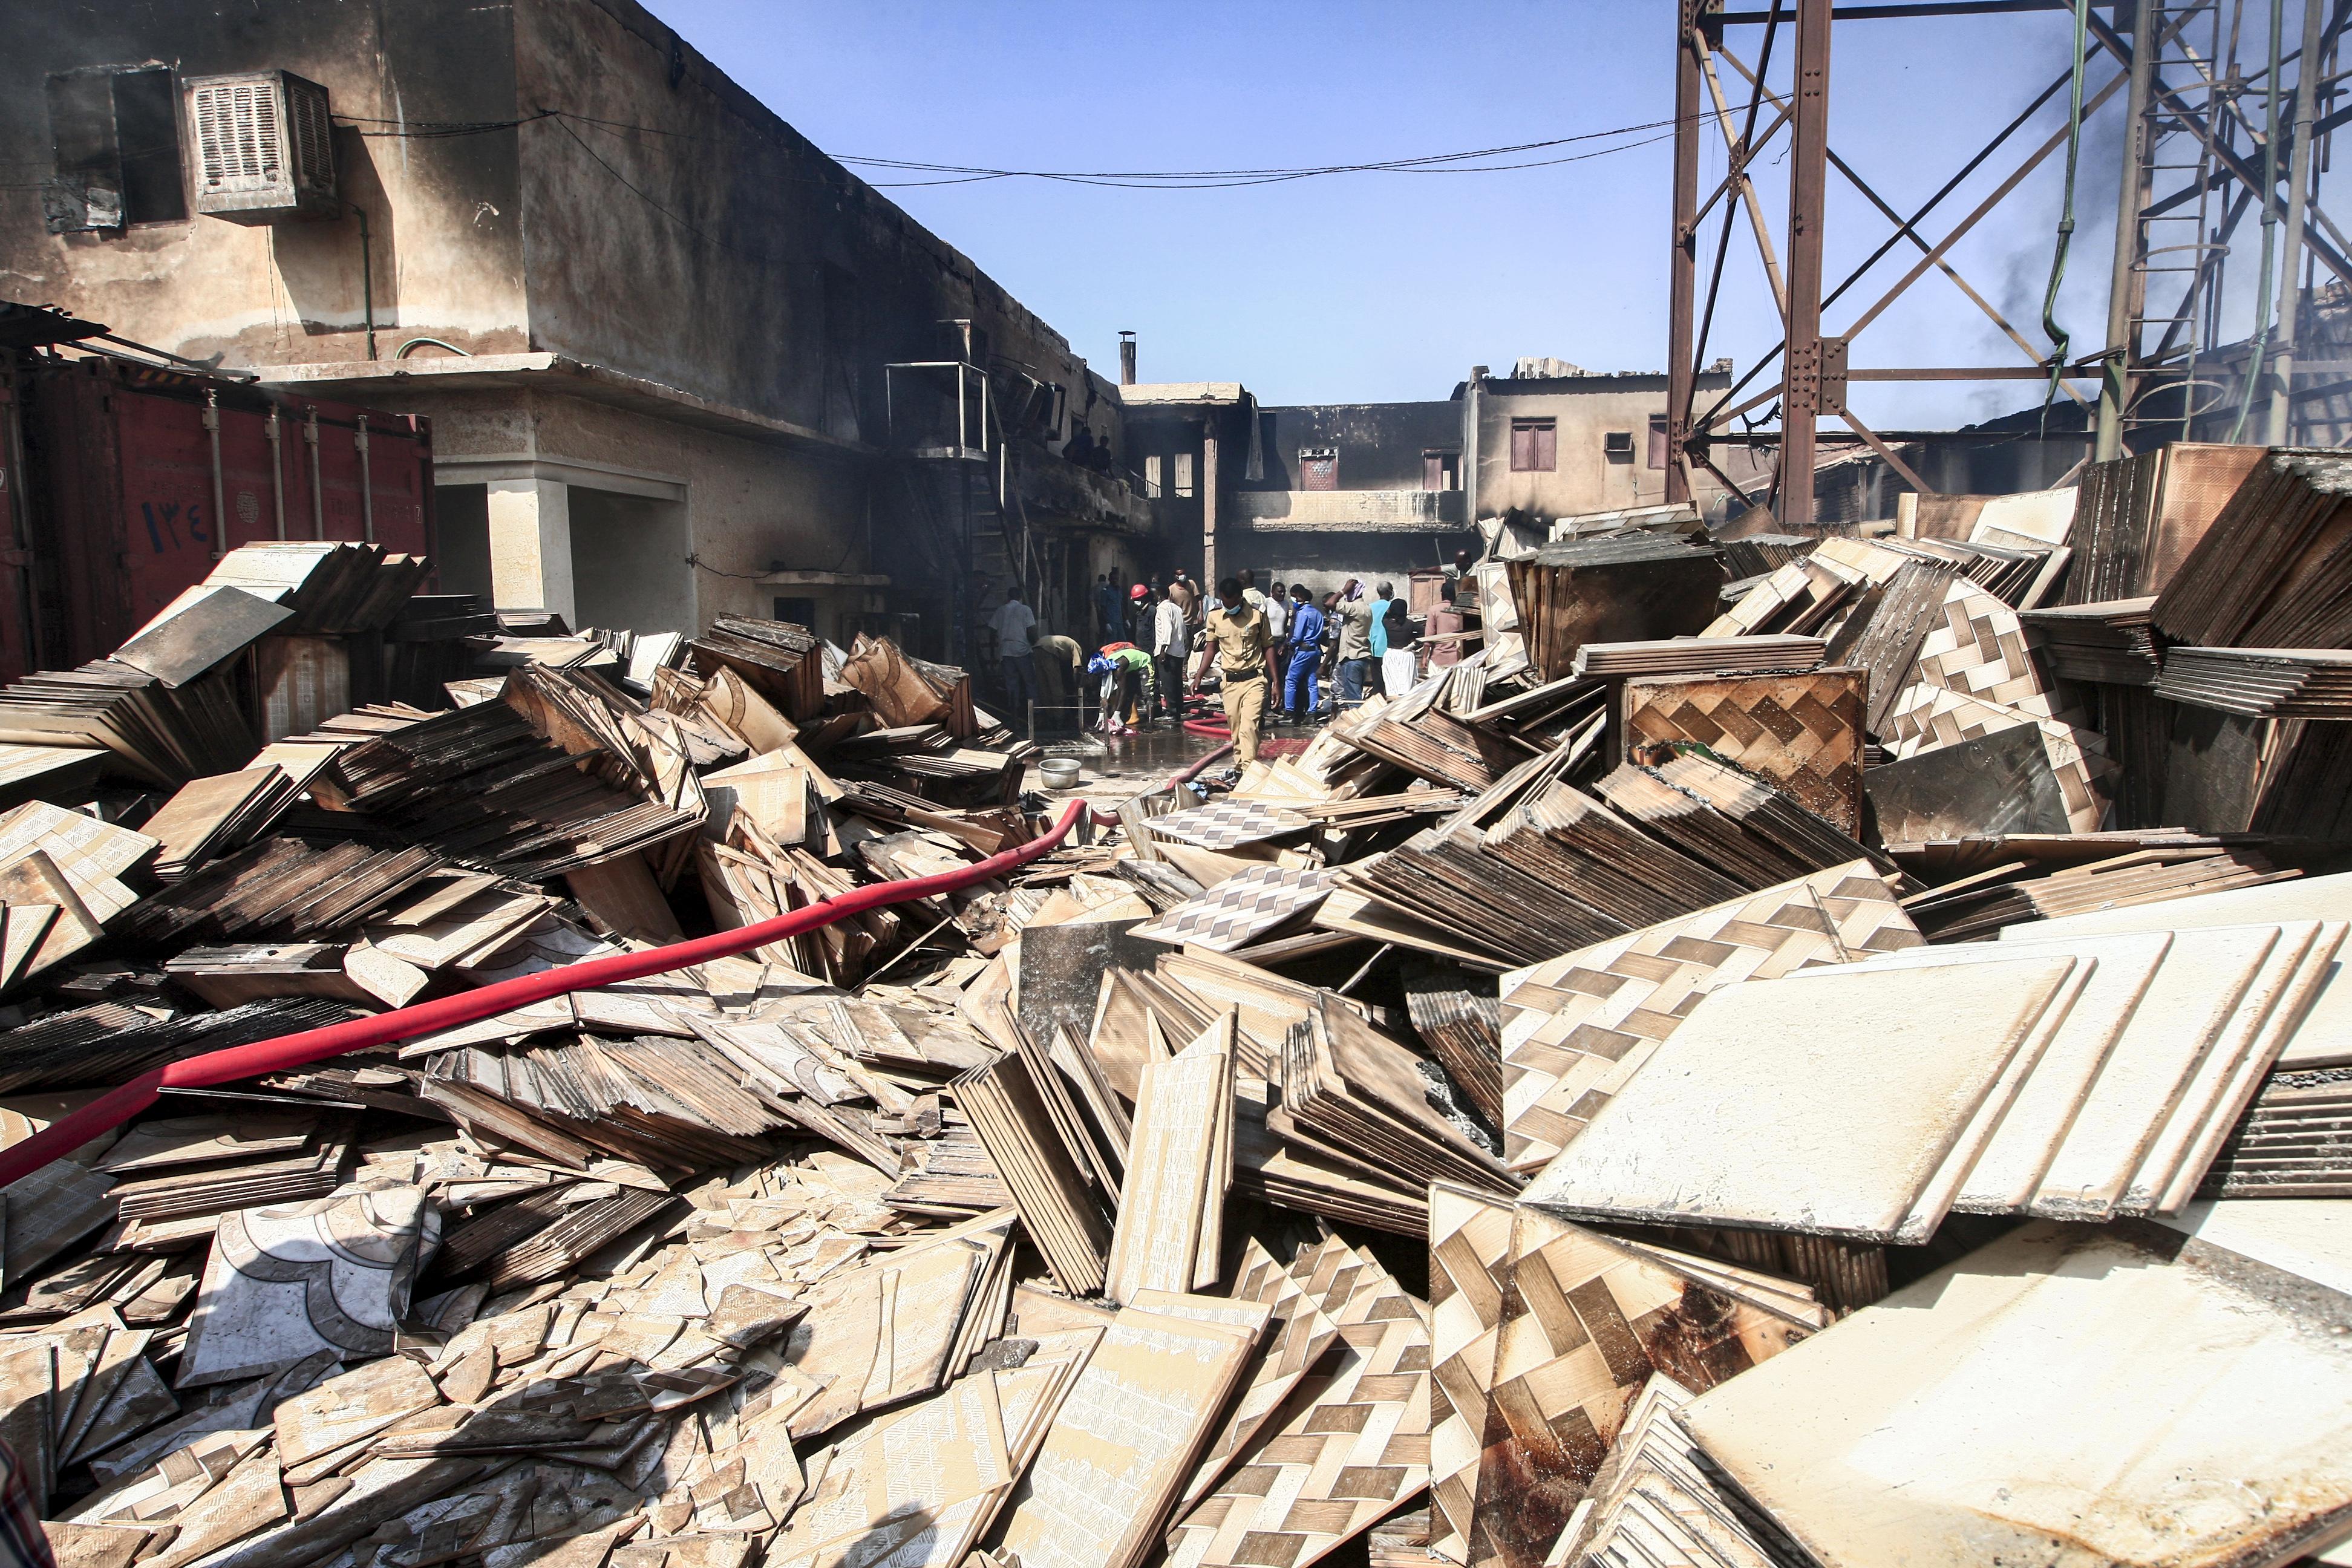 خسائر فادحة في الأرواح والممتلكات بعد حريق في المنطقة الصناعة في الخرطوم